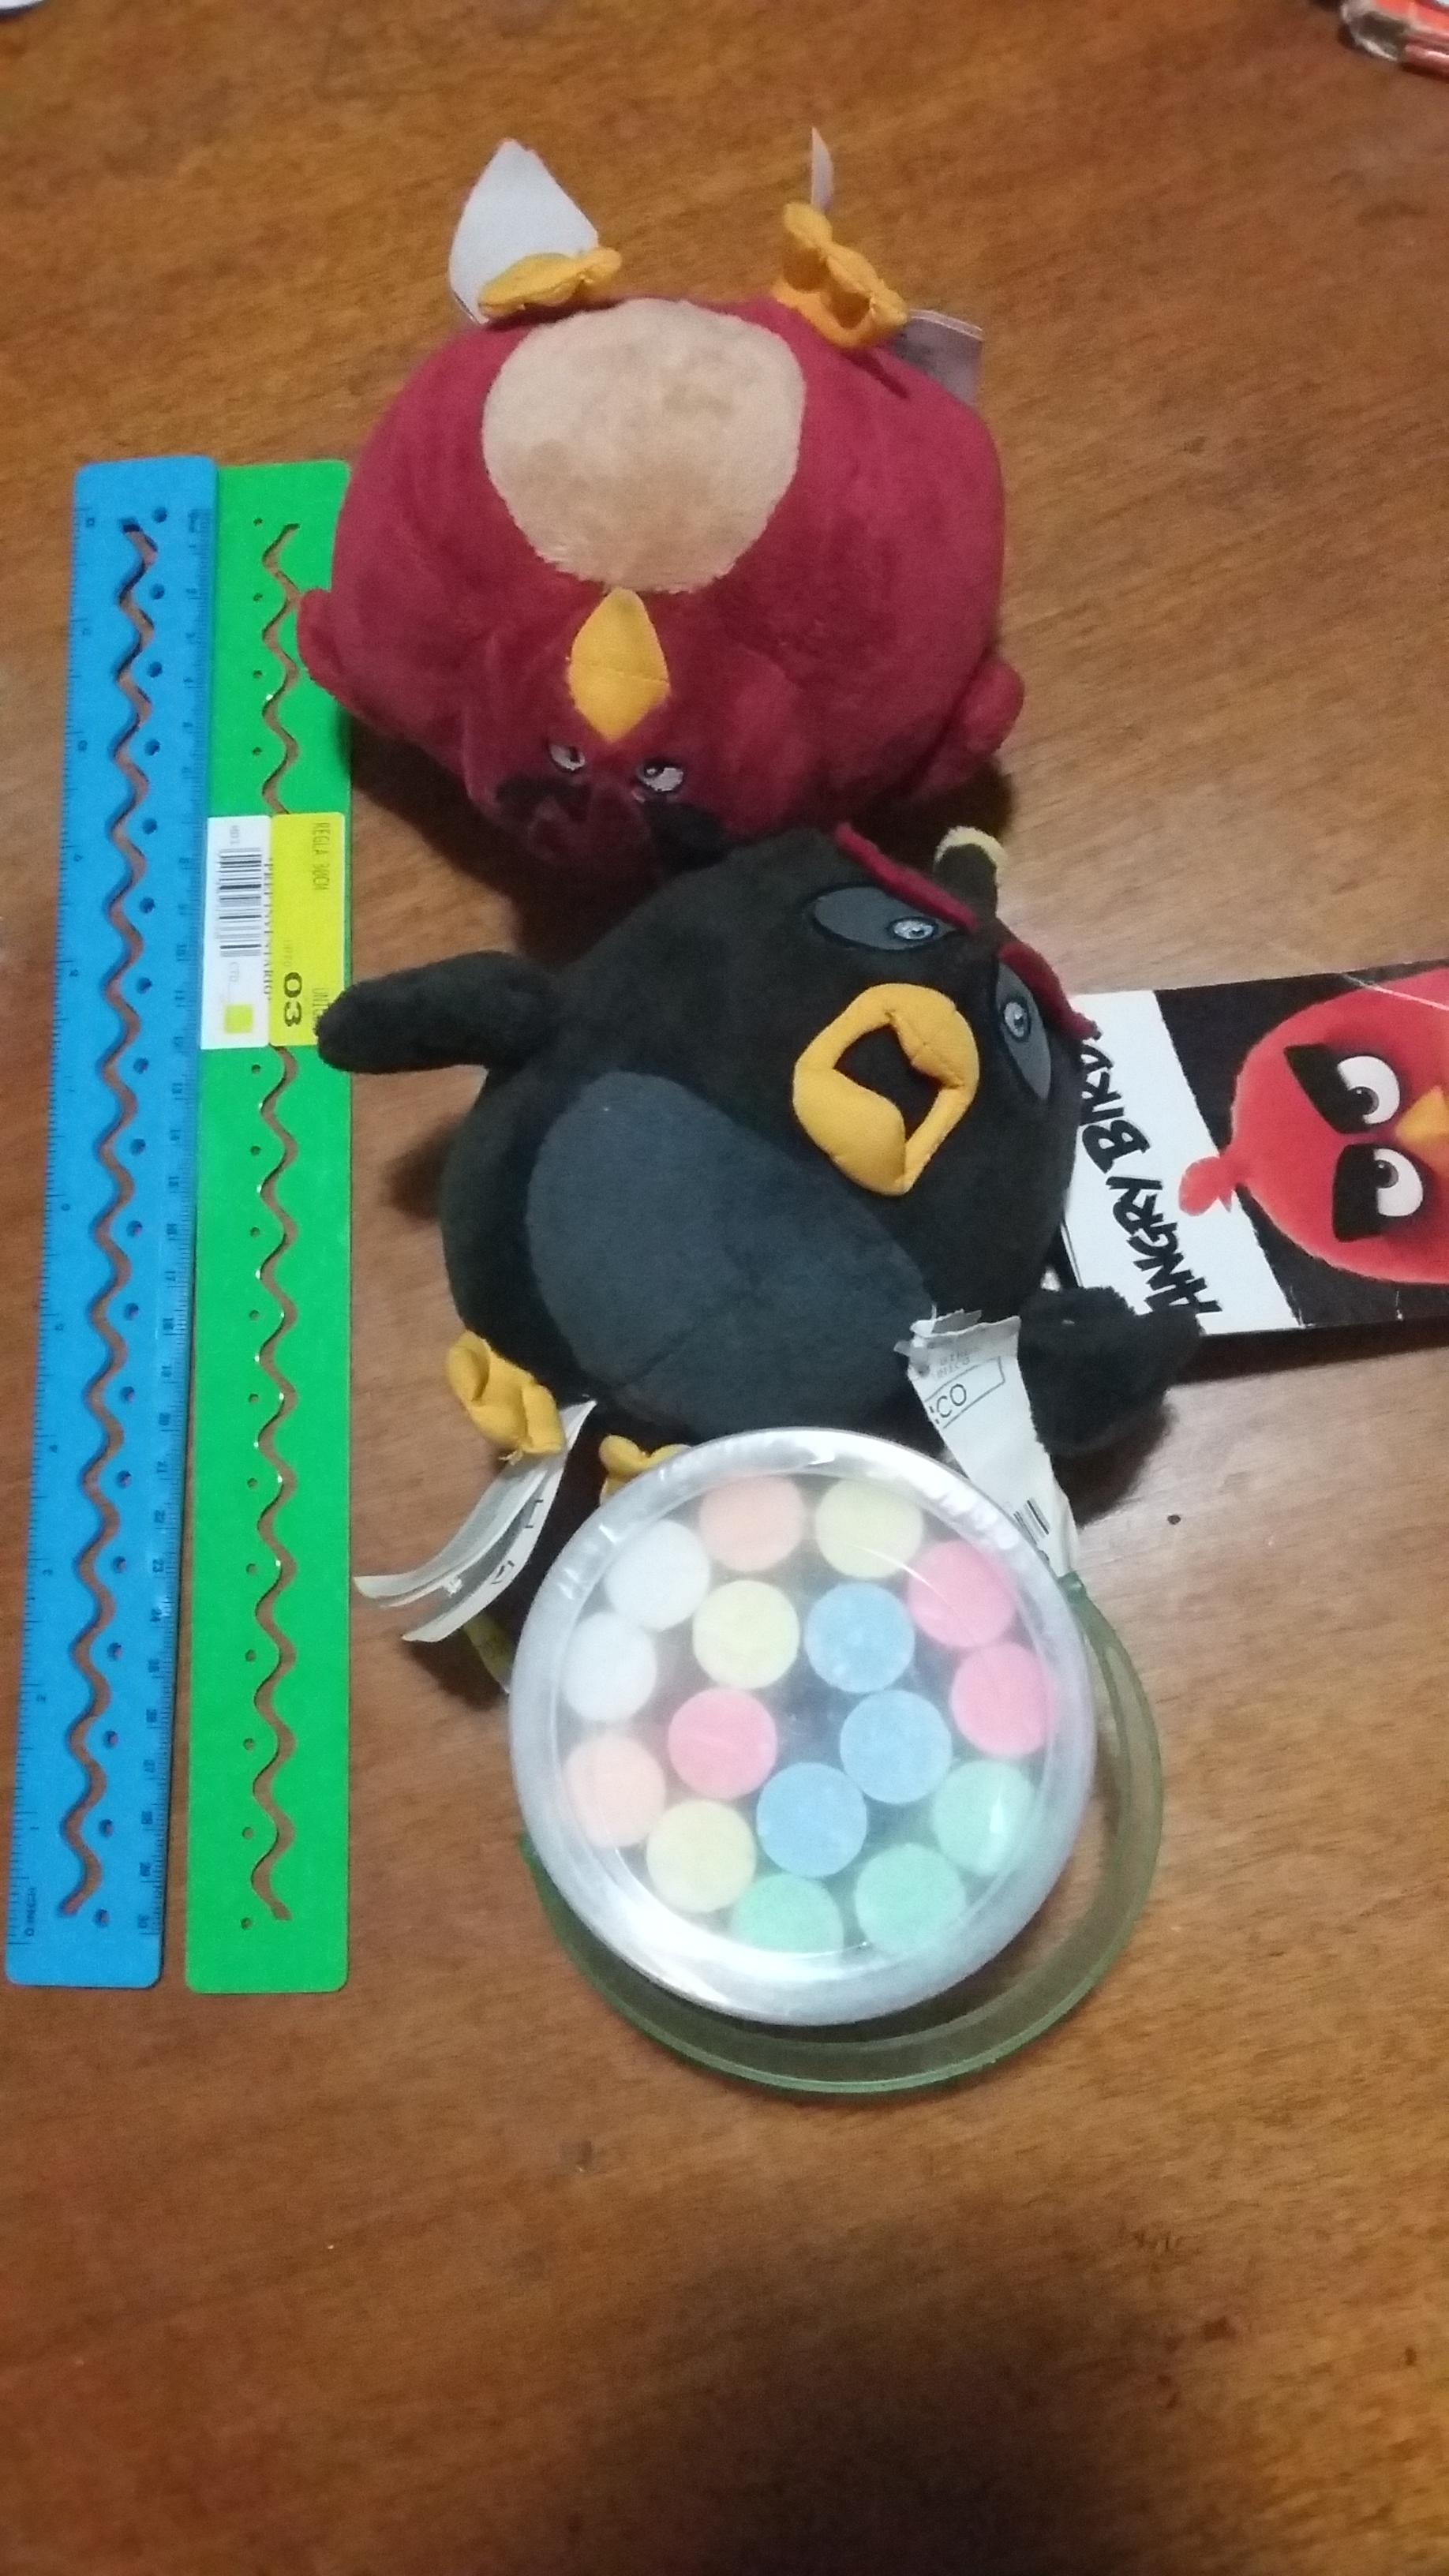 Walmart Plaza Centro Sur, Tlaquepaque: Peluches Angry Birds a $30.01, Halo Wars 2 a $645.01 y más.